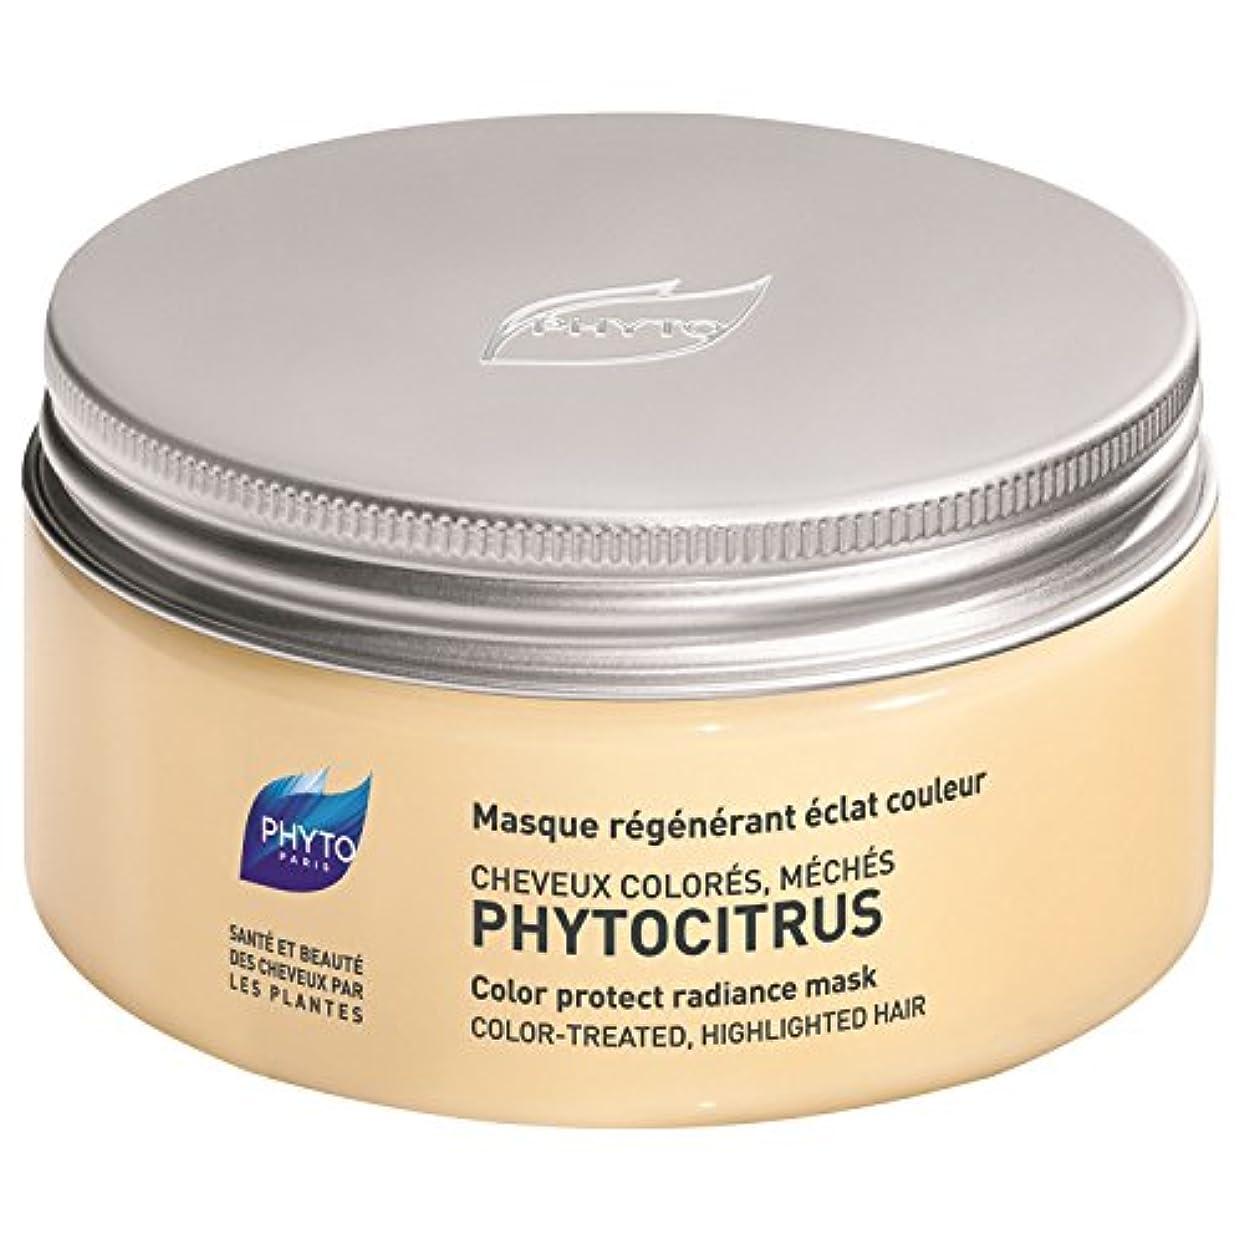 注意ジョイント湿原フィトPhytocitrus色保護放射輝度マスク200ミリリットル (Phyto) - Phyto Phytocitrus Colour Protect Radiance Mask 200ml [並行輸入品]